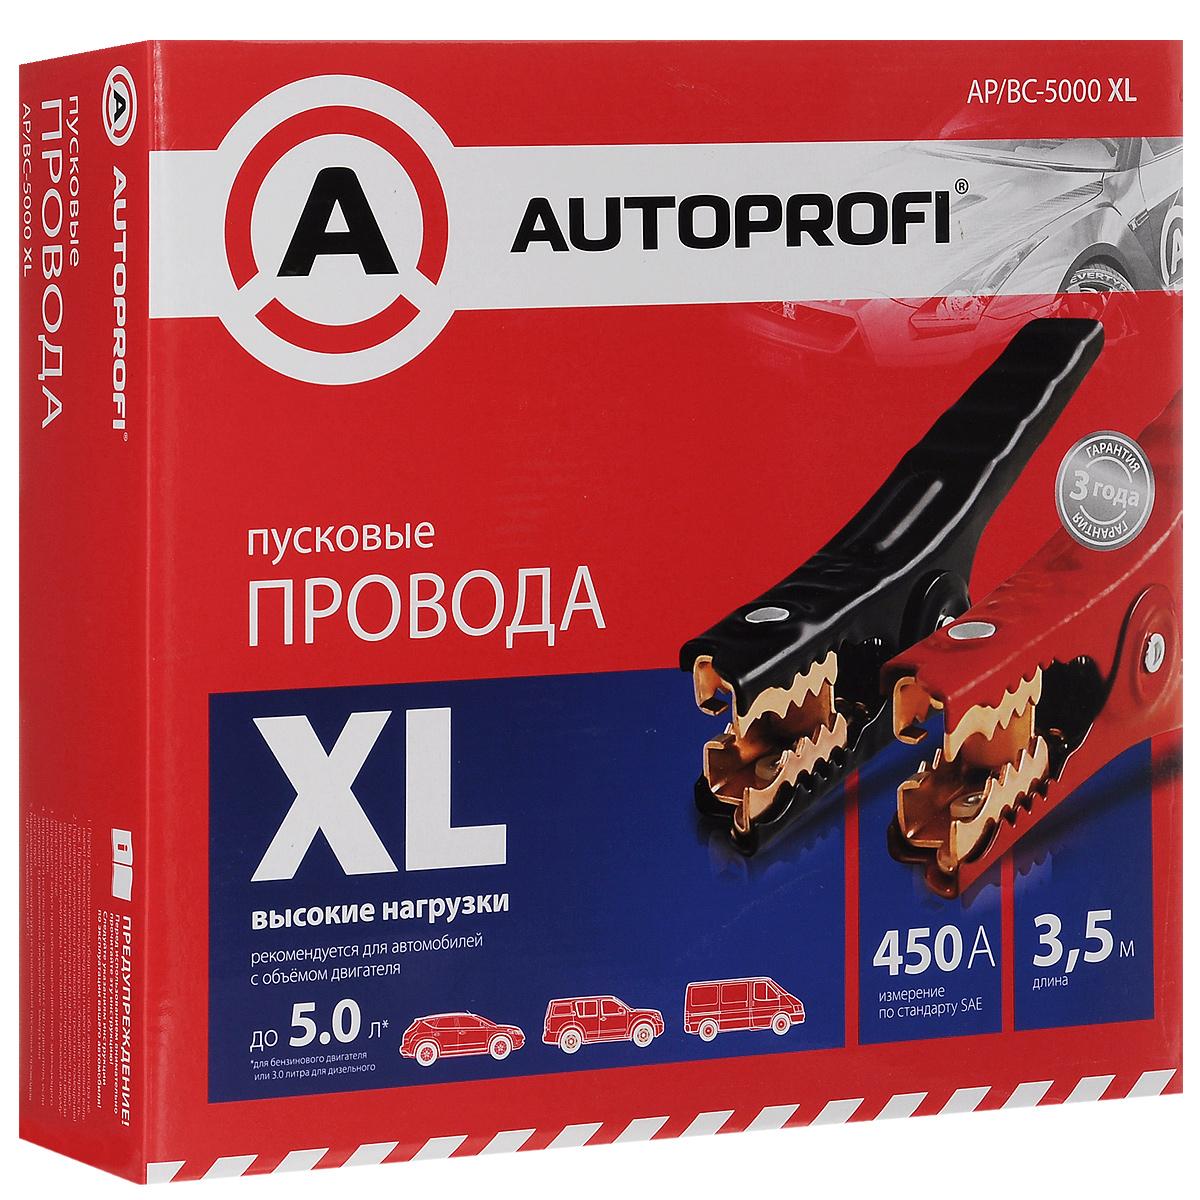 Провода пусковые Autoprofi XL, высокие нагрузки, 21,15 мм2, 450 A, 3,5 м провода пусковые autoprofi xl высокие нагрузки 21 15 мм2 450 a 3 5 м